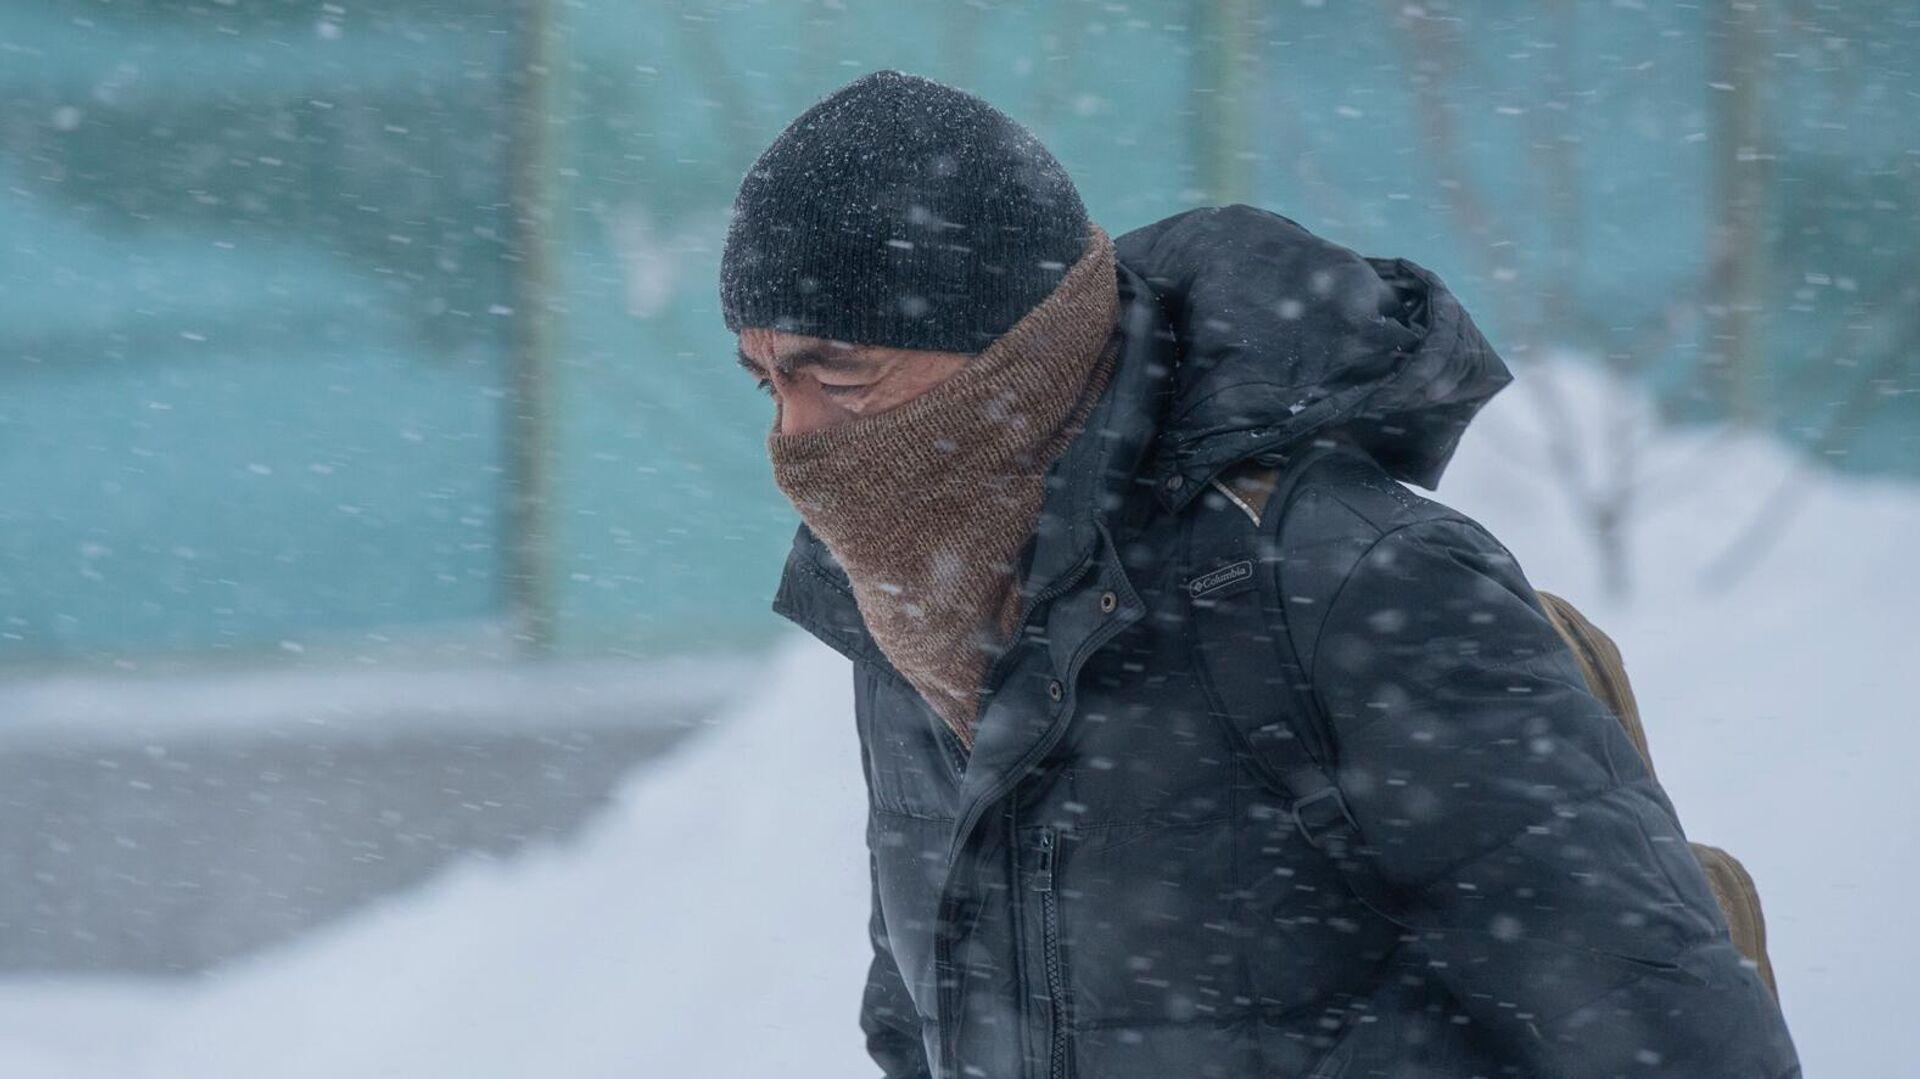 Мужчина идет по улице во время снежной метели в Нур-Султане. - РИА Новости, 1920, 24.12.2020